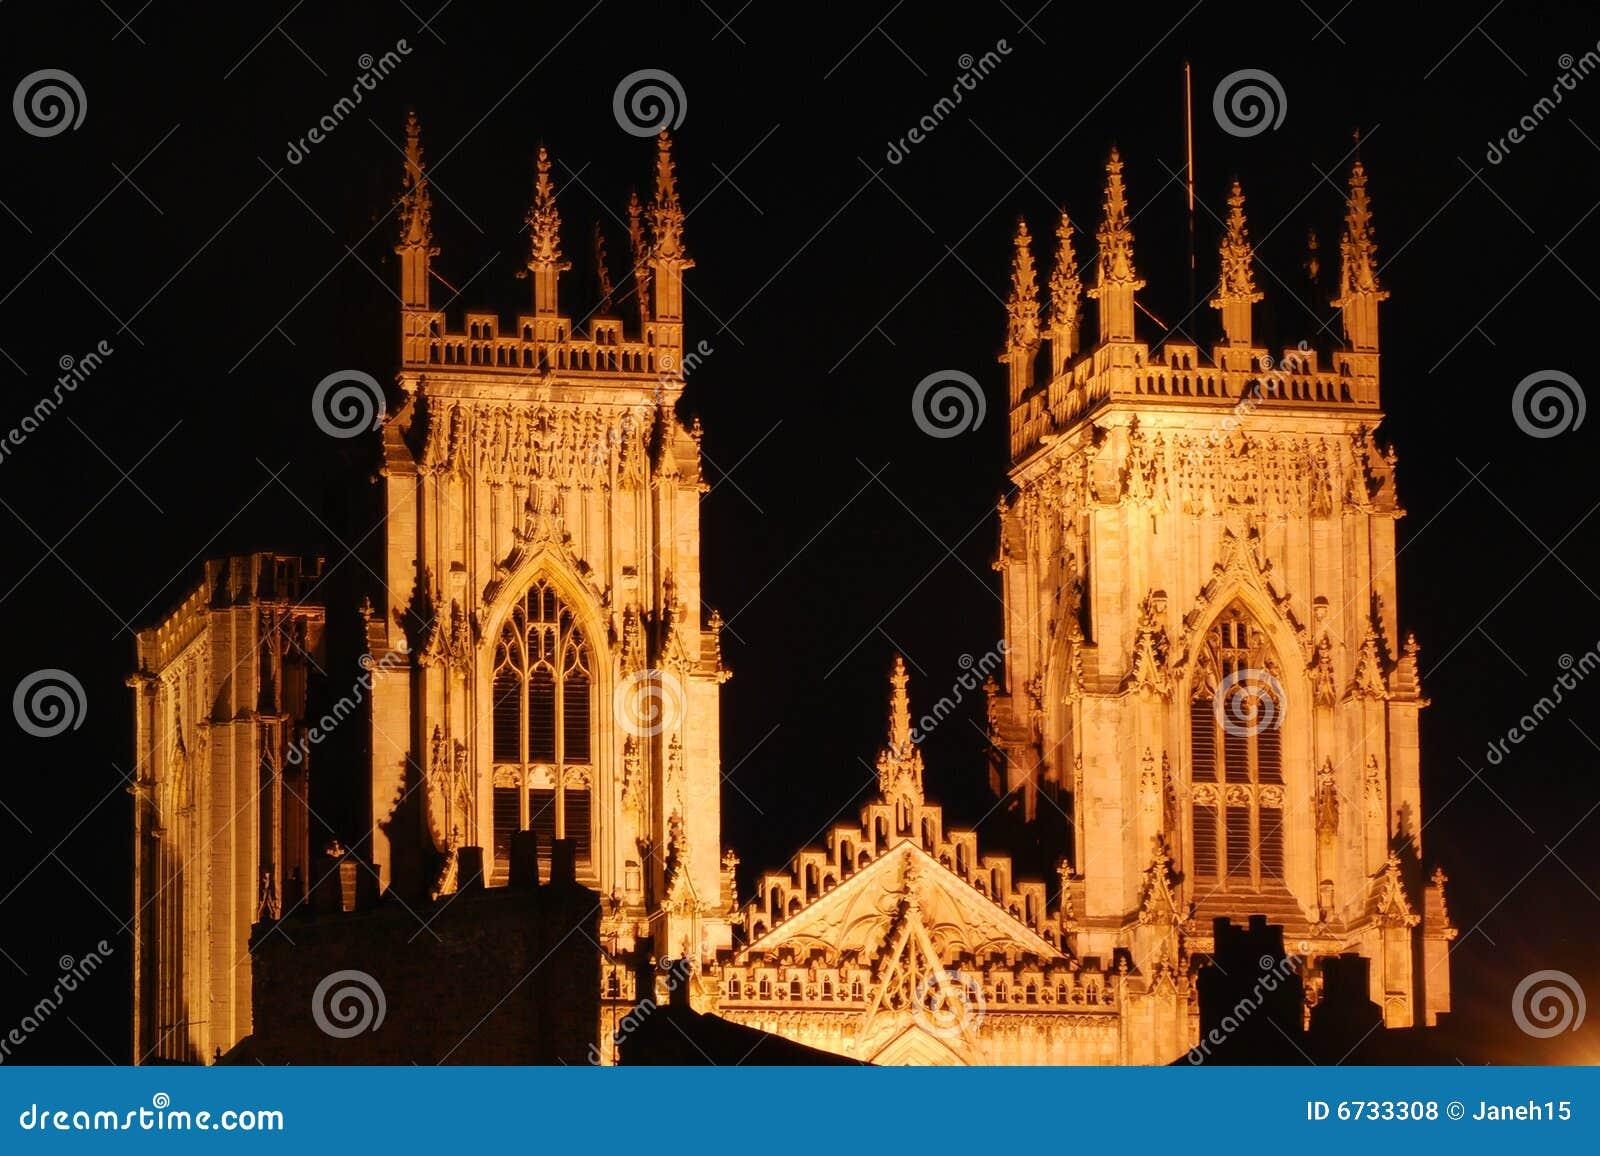 York Minster by night